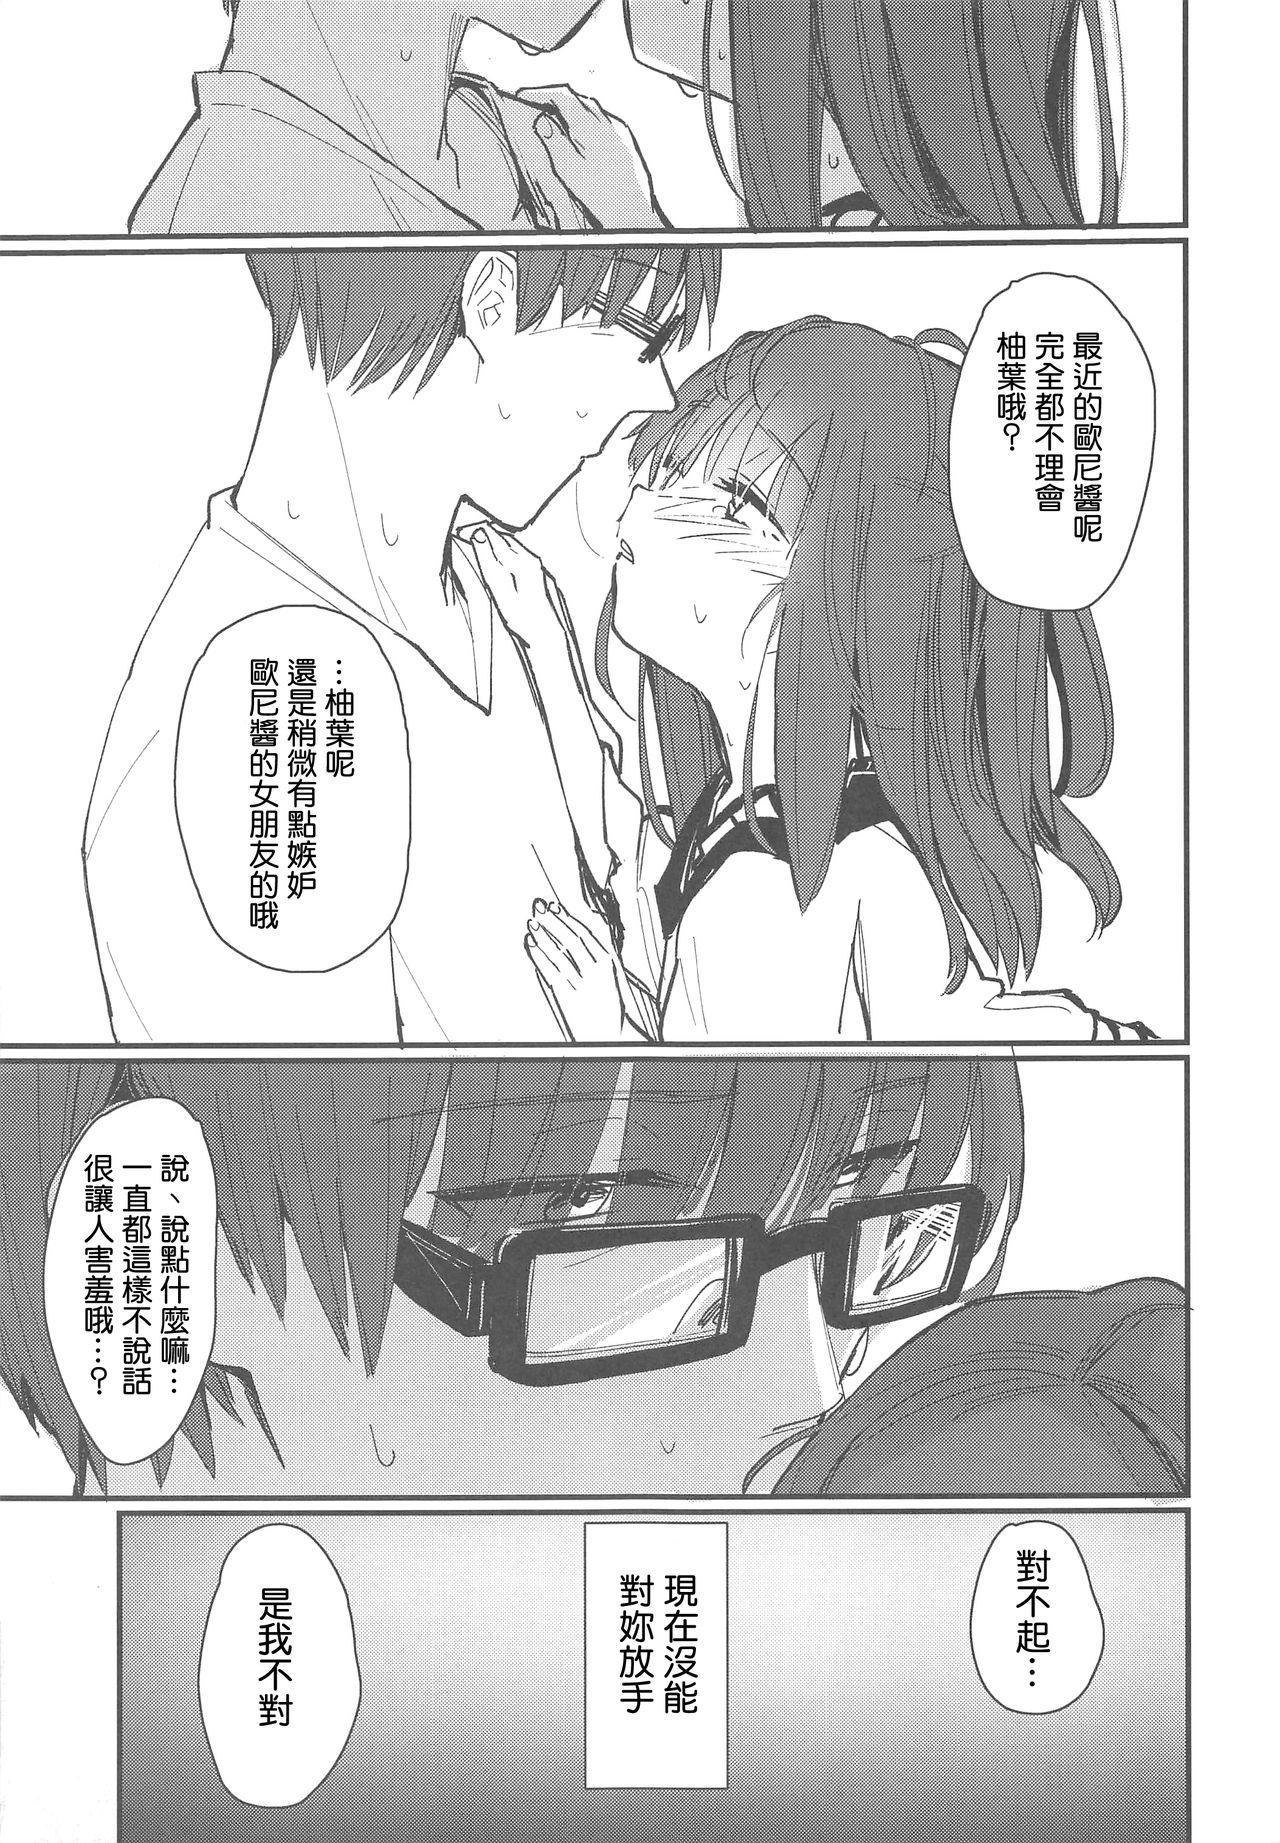 Onii-chan ga Uwakishisou kara Sex Shite Mita 14